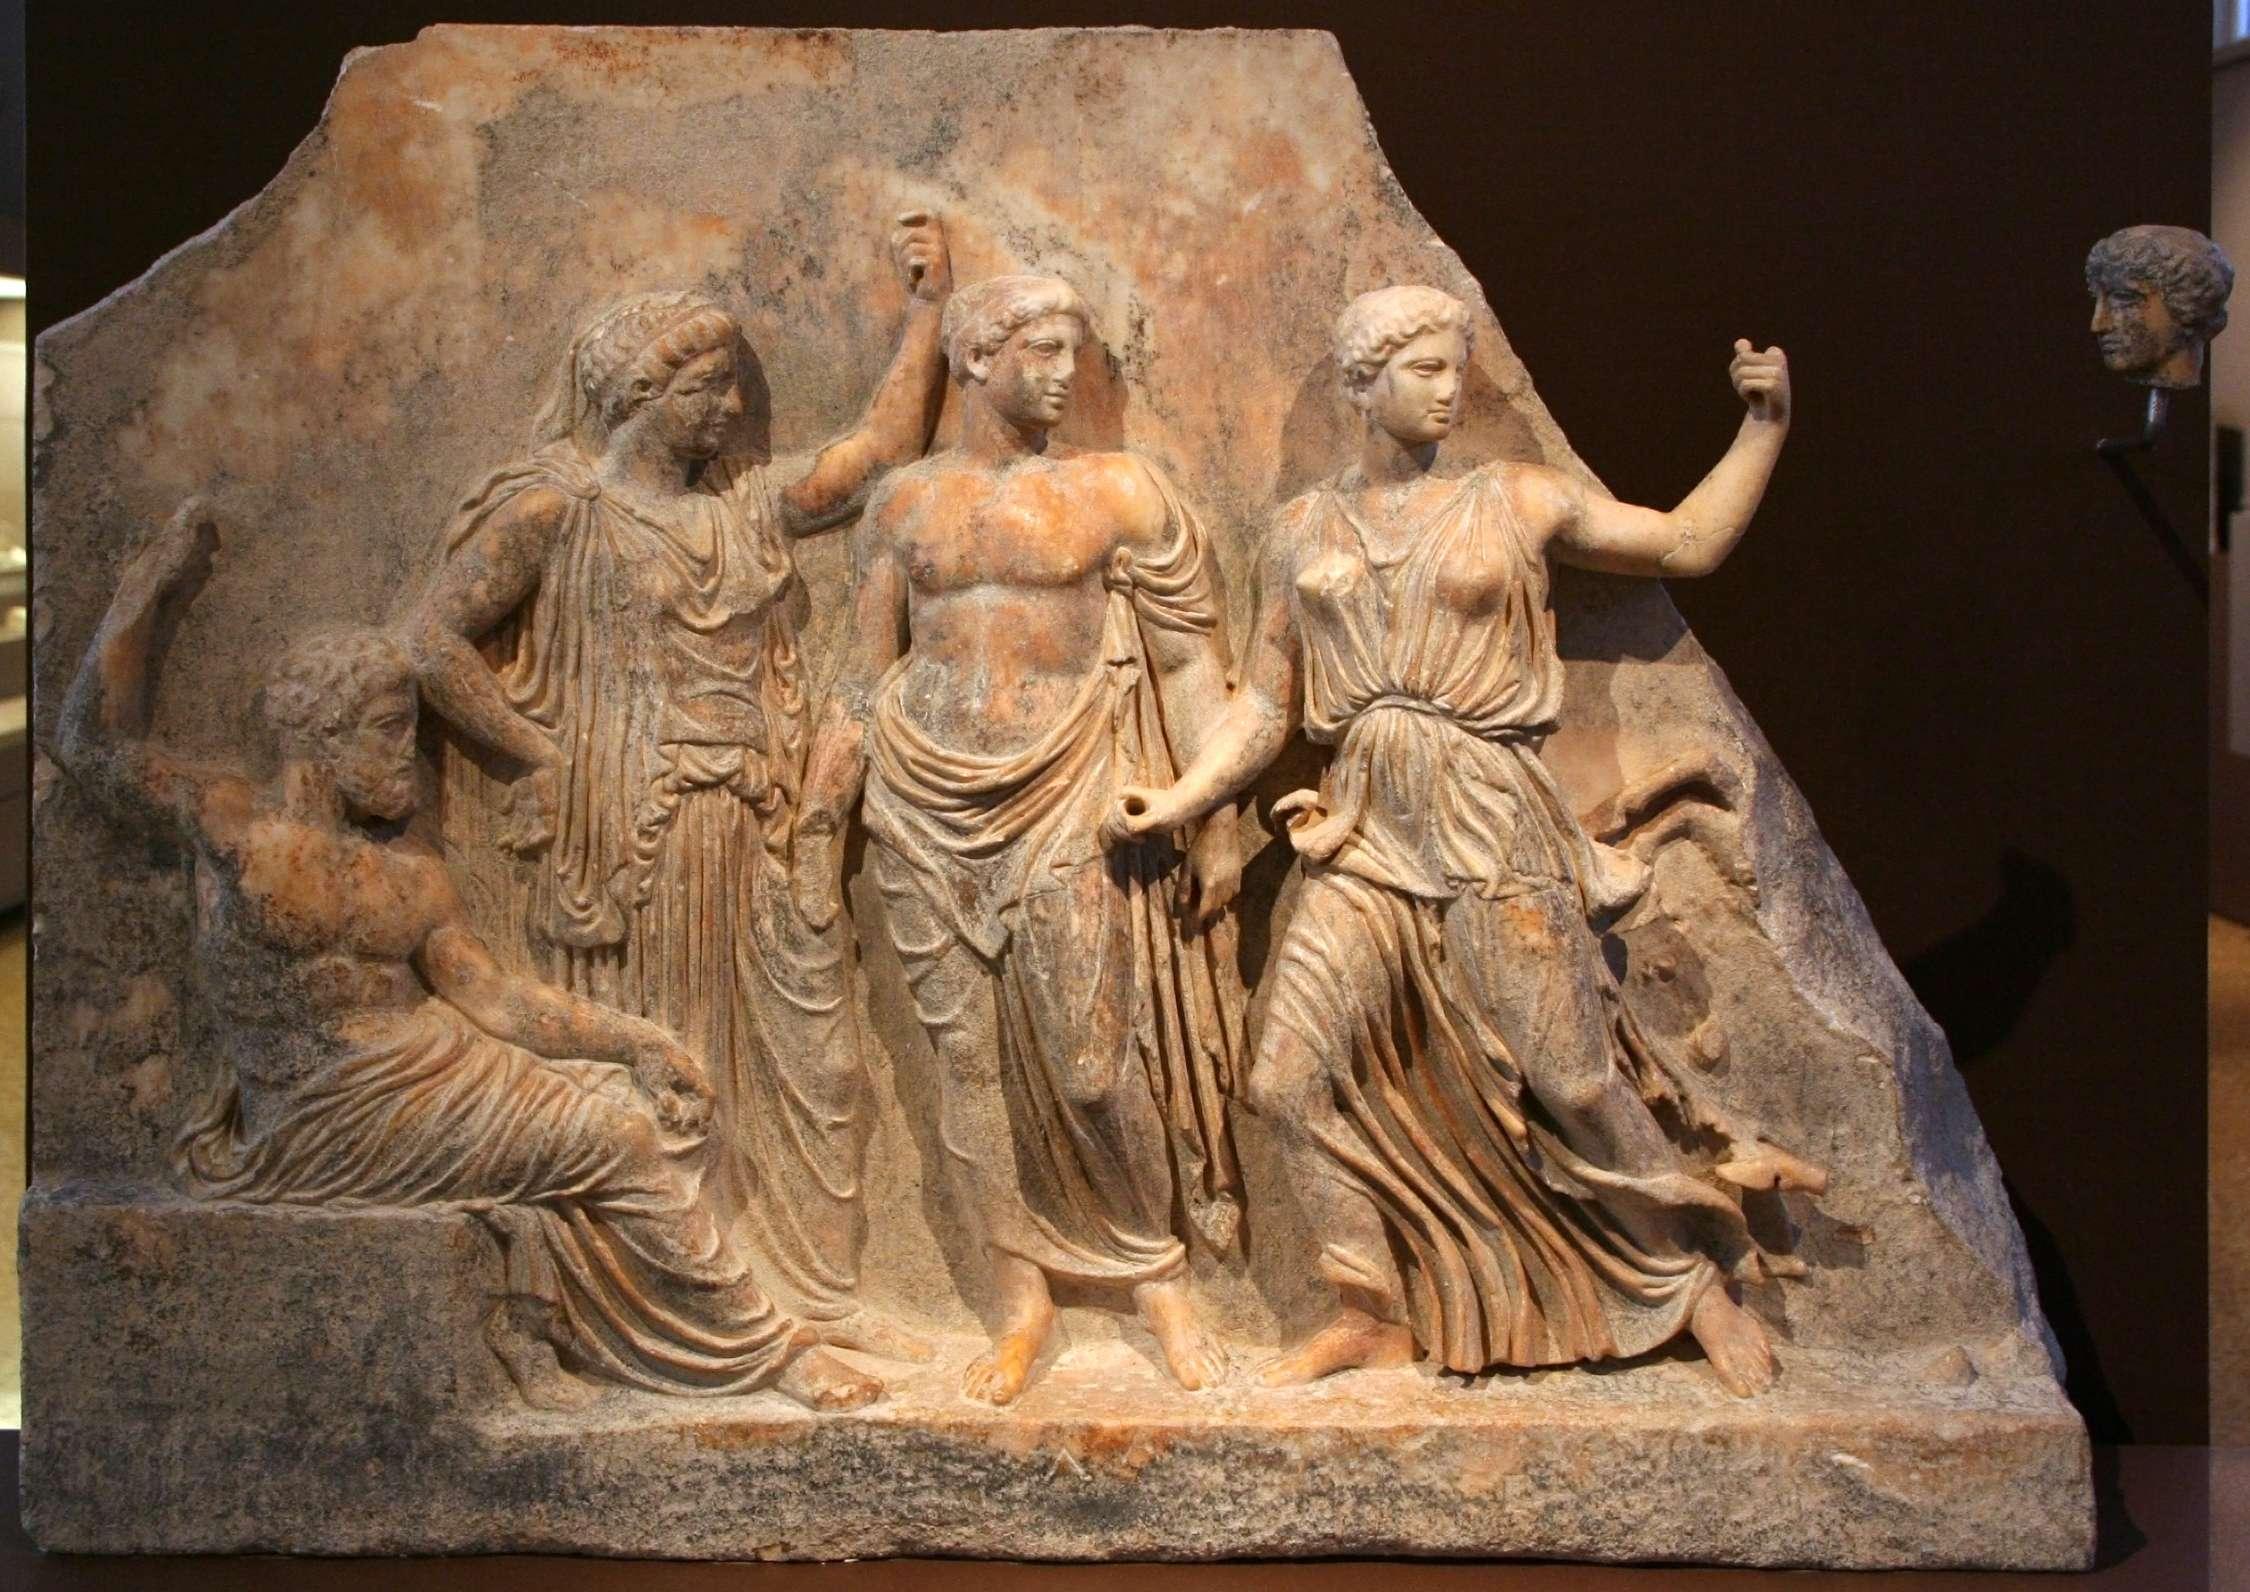 Ανάγλυφο με τον θεό Δία και τη Λητώ. A relief showing Zeus and Leto with their offspring Apollo and Artemis to the right. 420-410 BCE. (Archaeological Museum of Brauron, Greece)